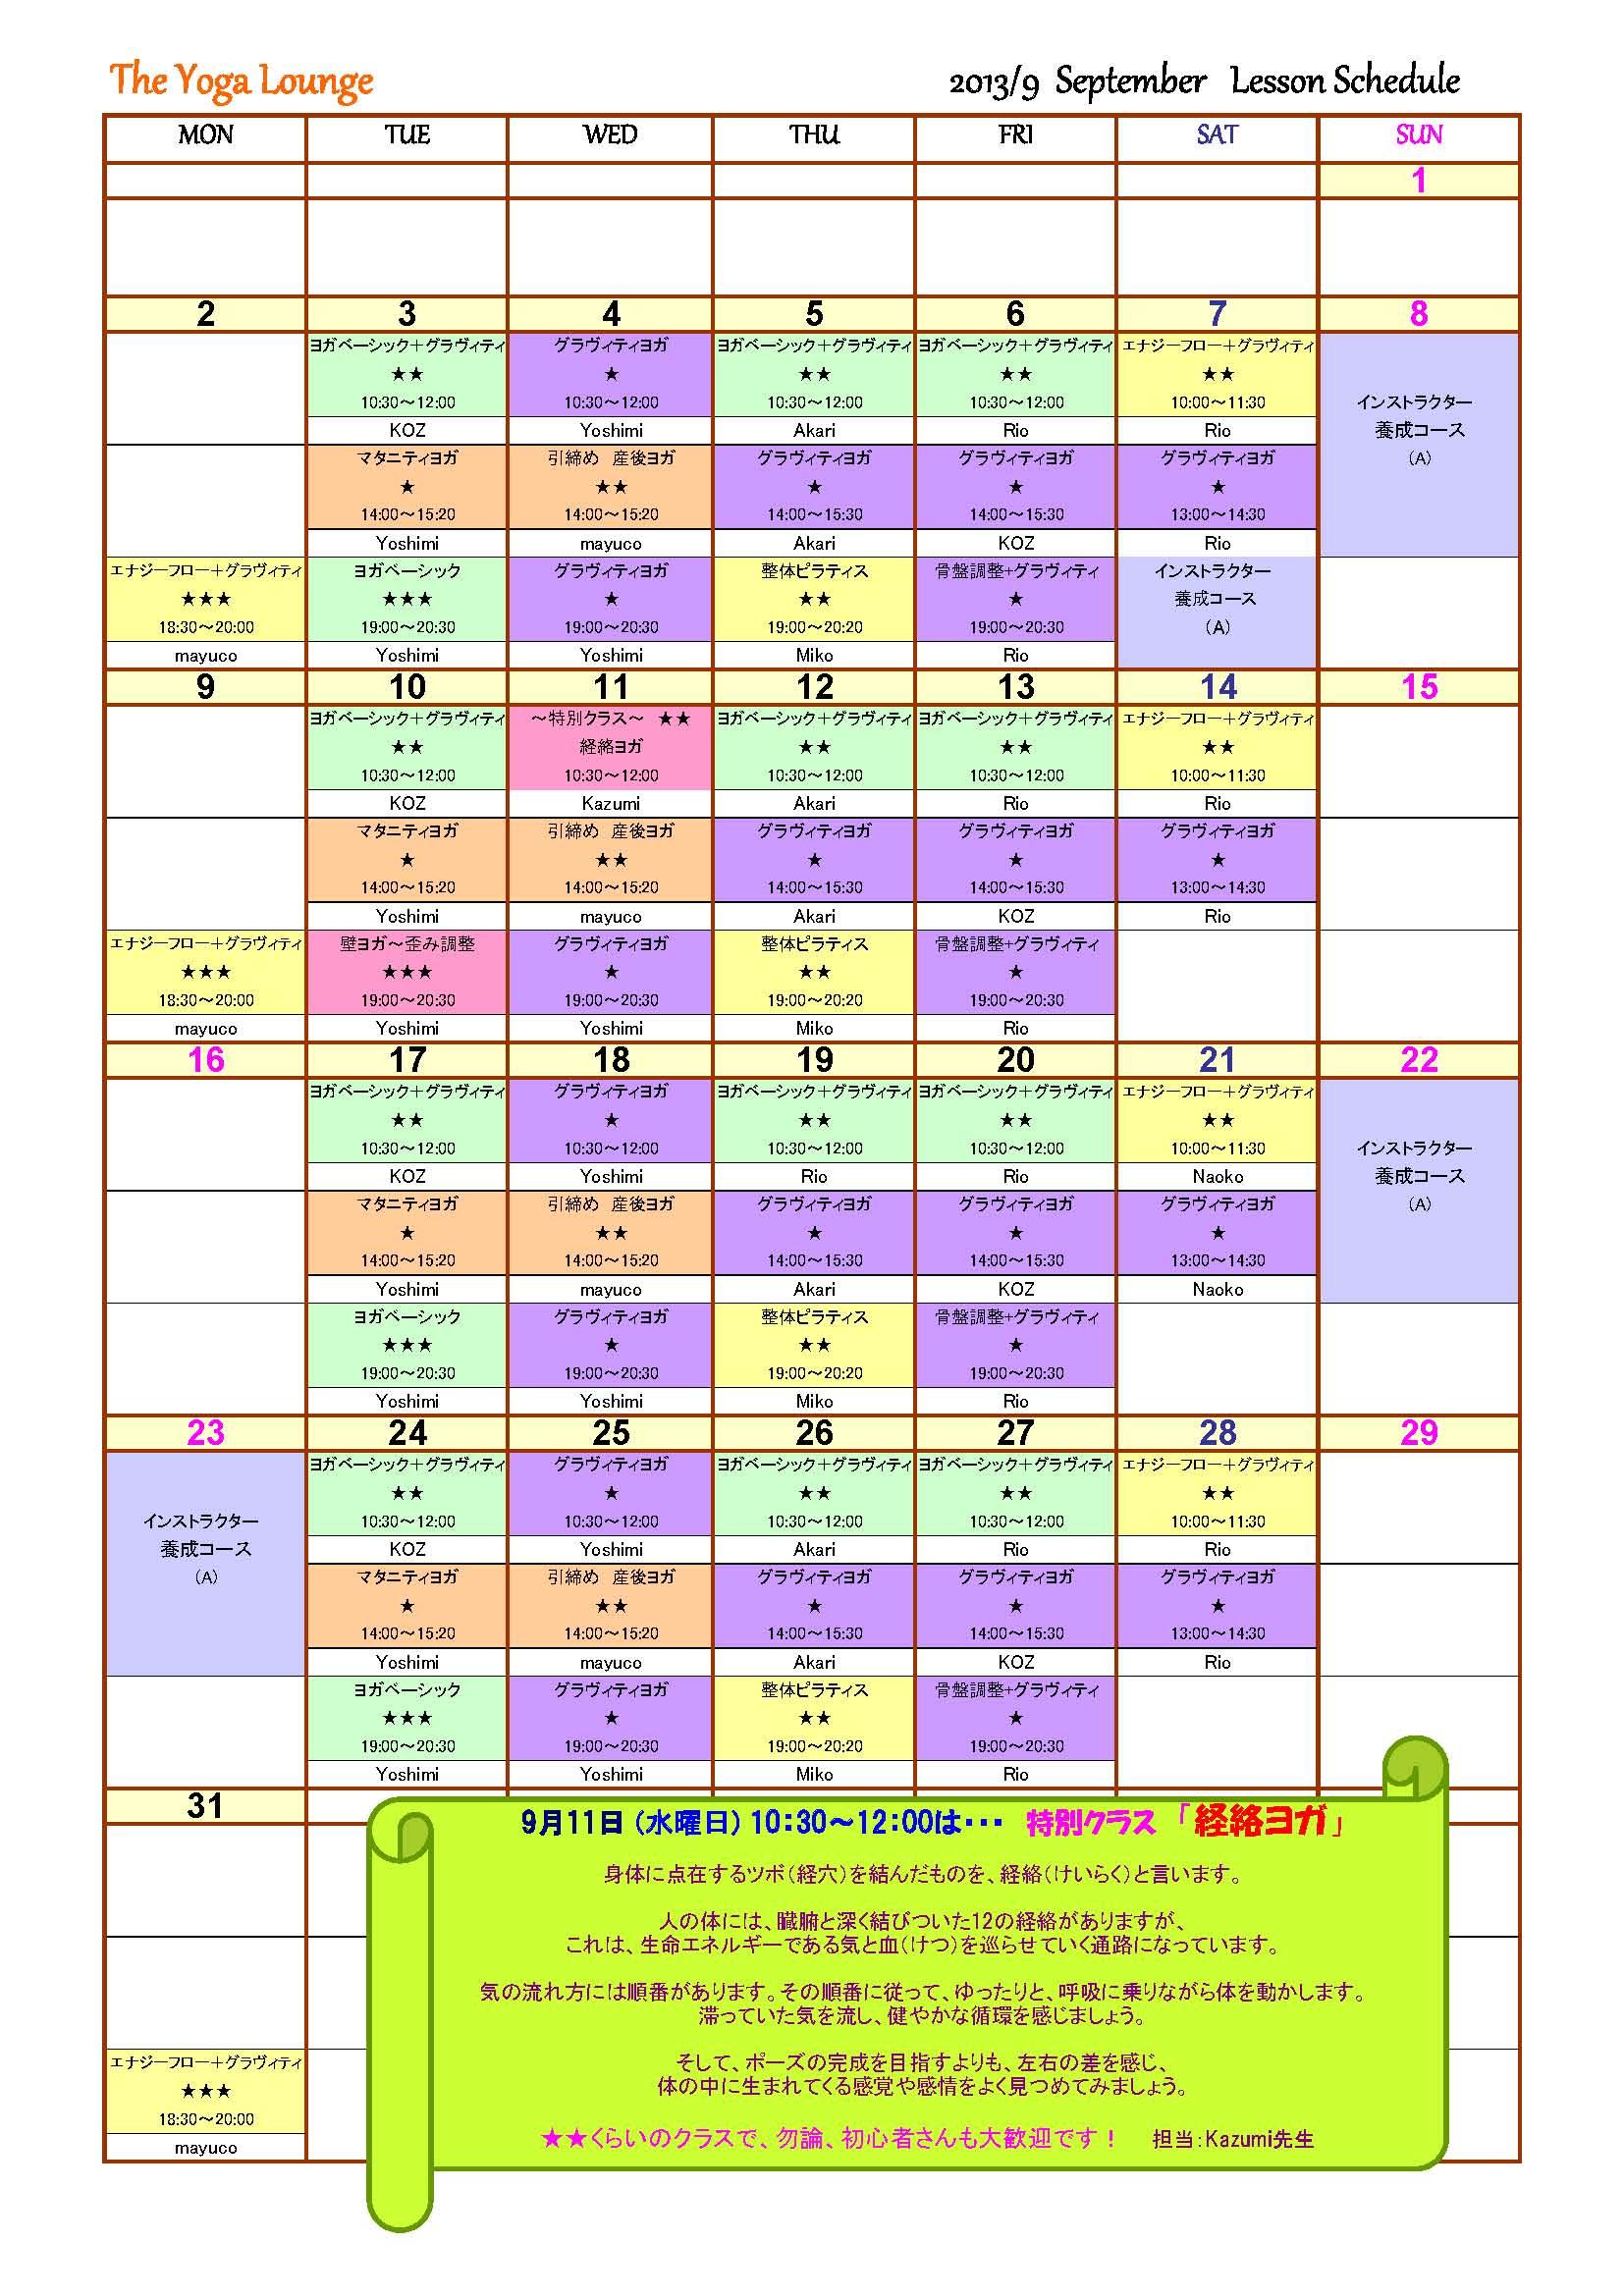 ●9月 Yogaloungeスケジュール